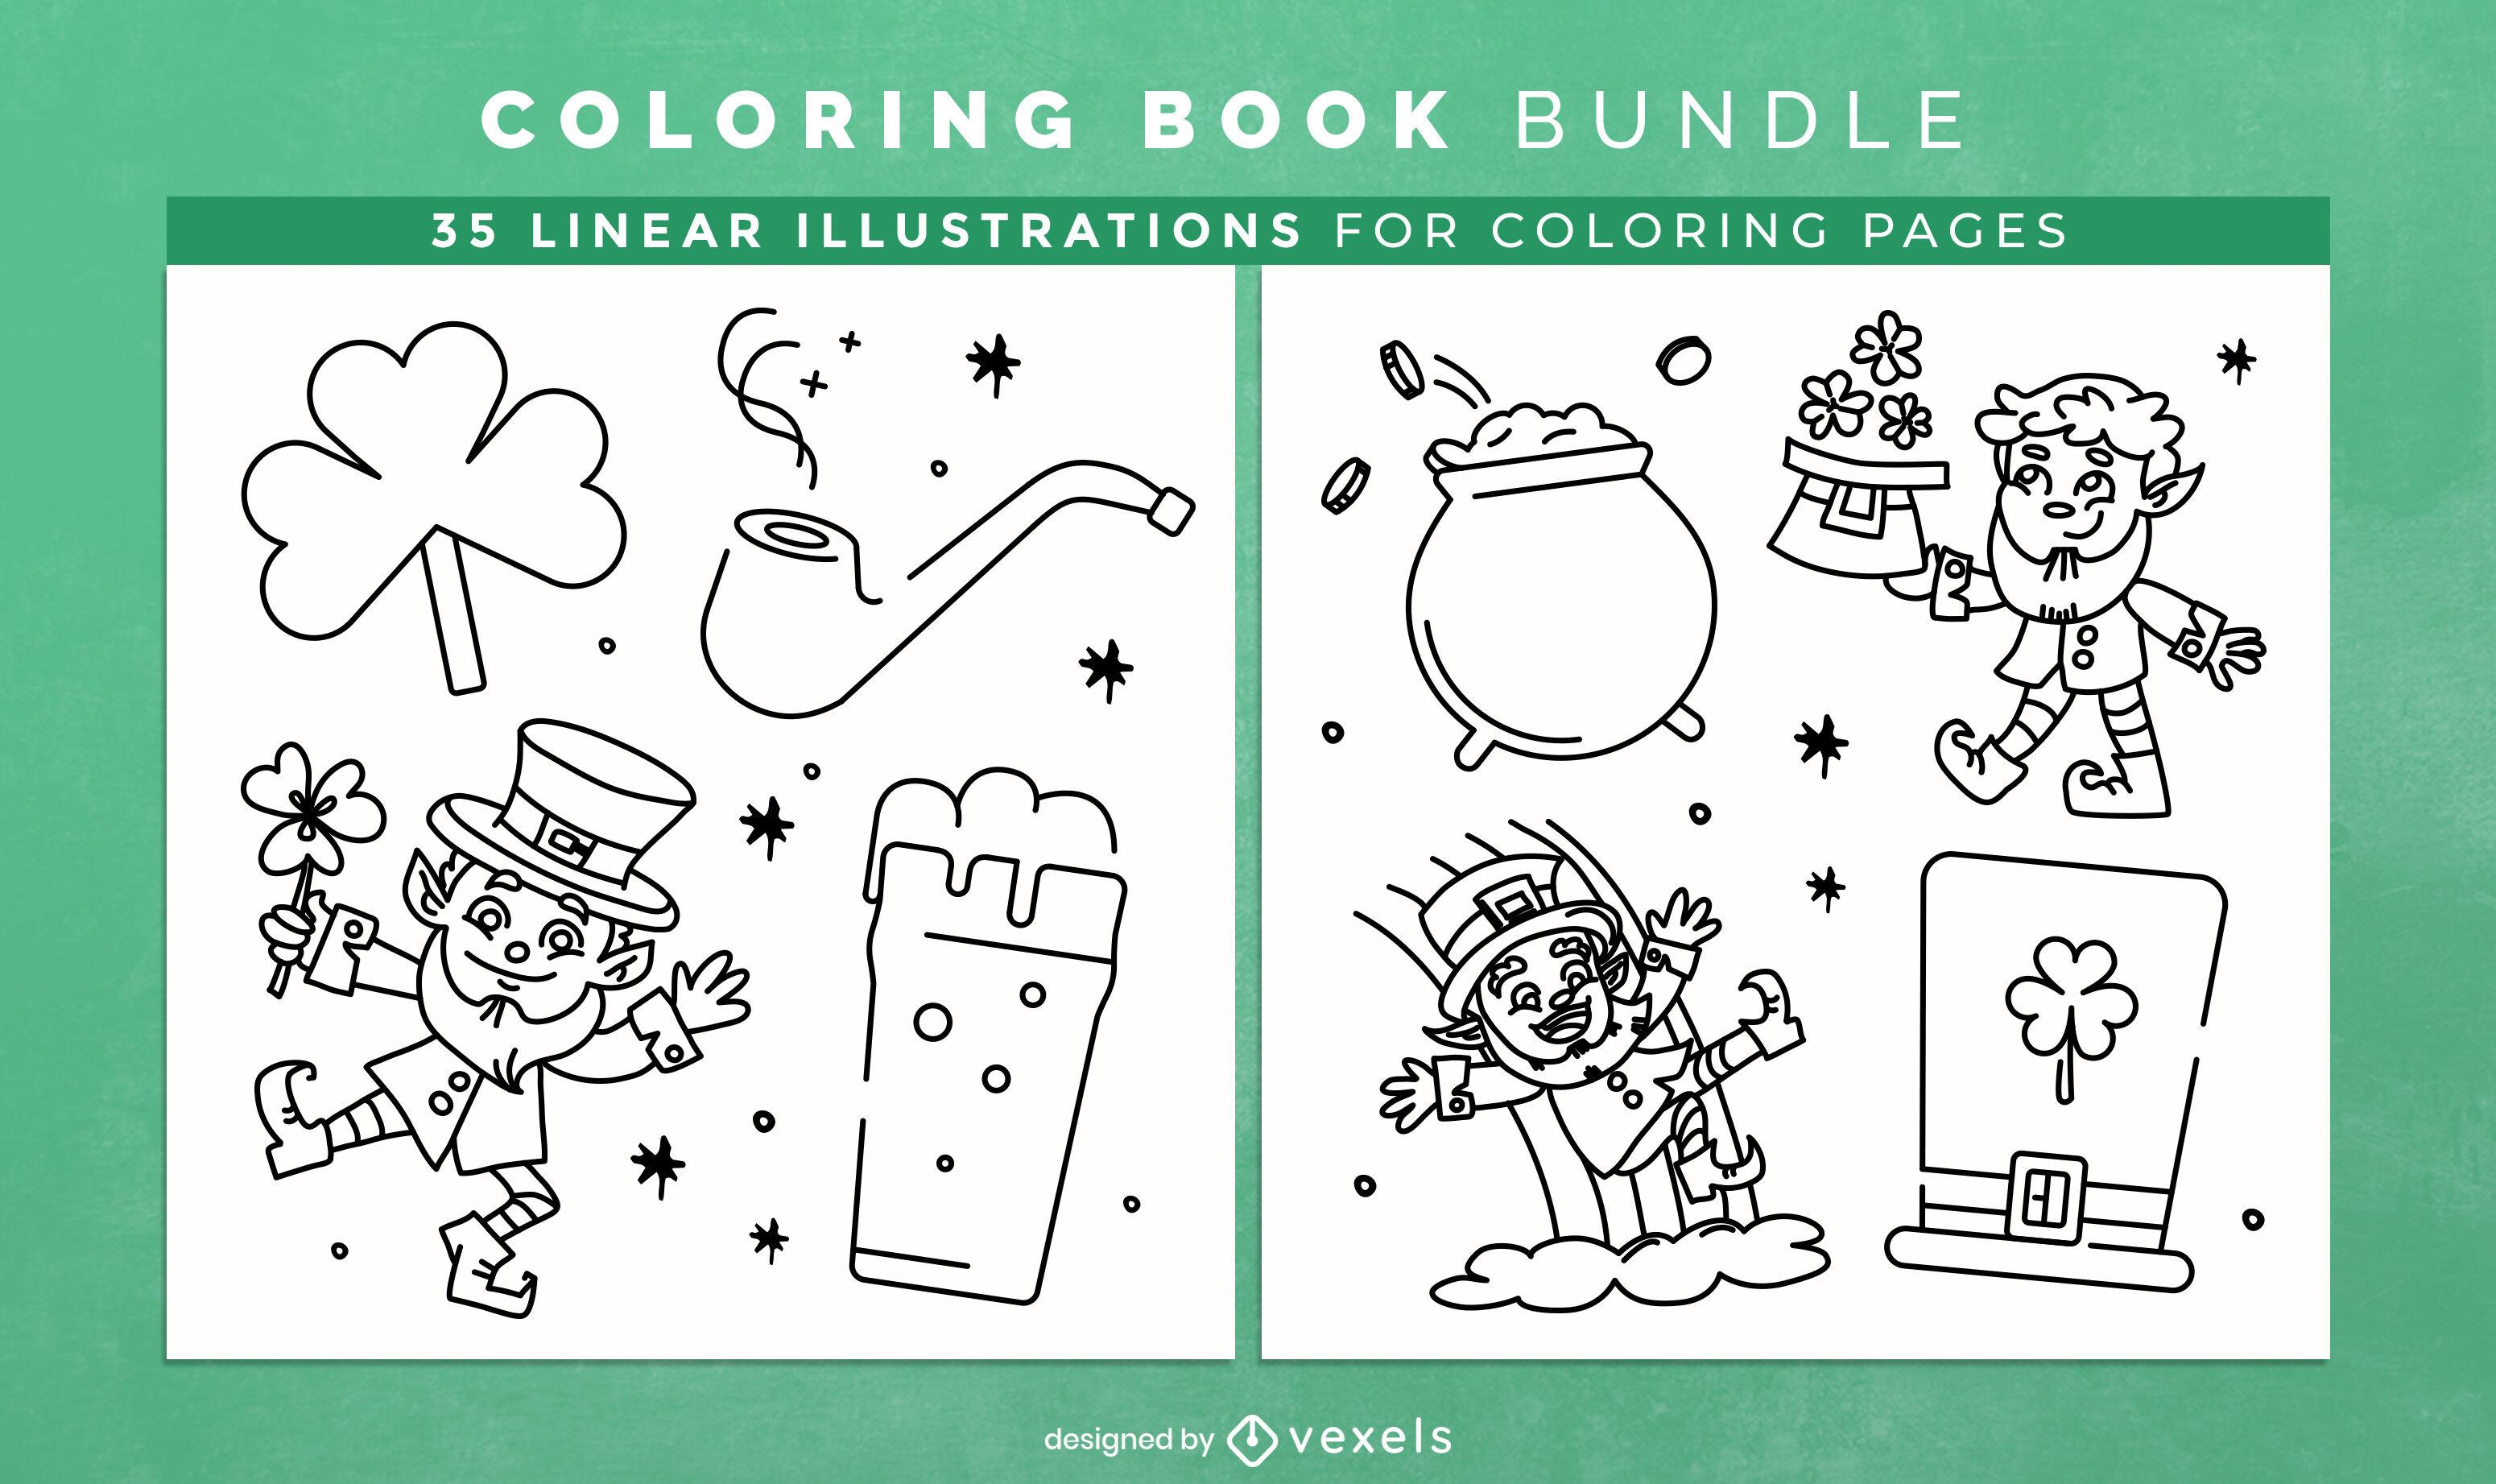 Elementos irlandeses para colorir livro KDP design de interiores